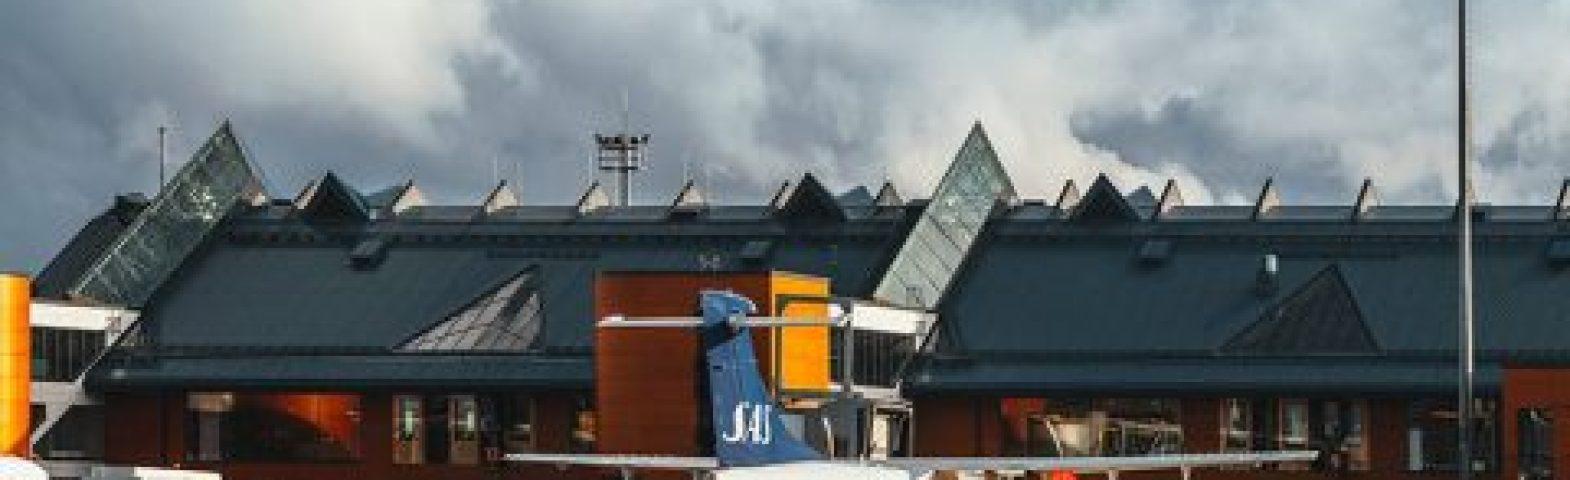 Аэропорт Таллина: лучшие варианты добраться до города